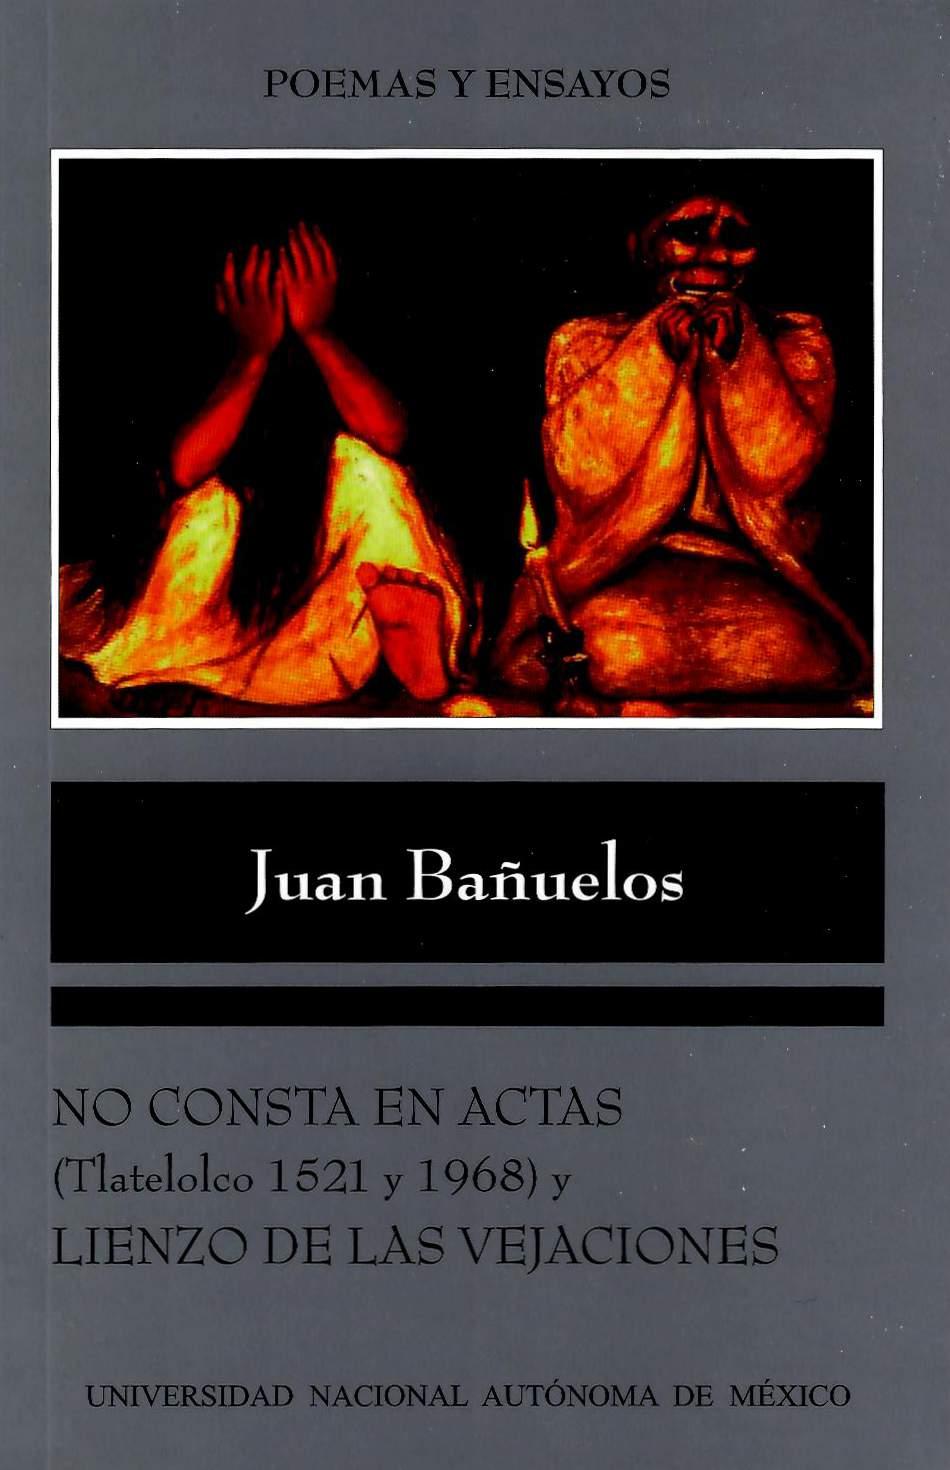 No consta en actas (Tlatelolco 1521 y 1968) y Lienzo de las vejaciones